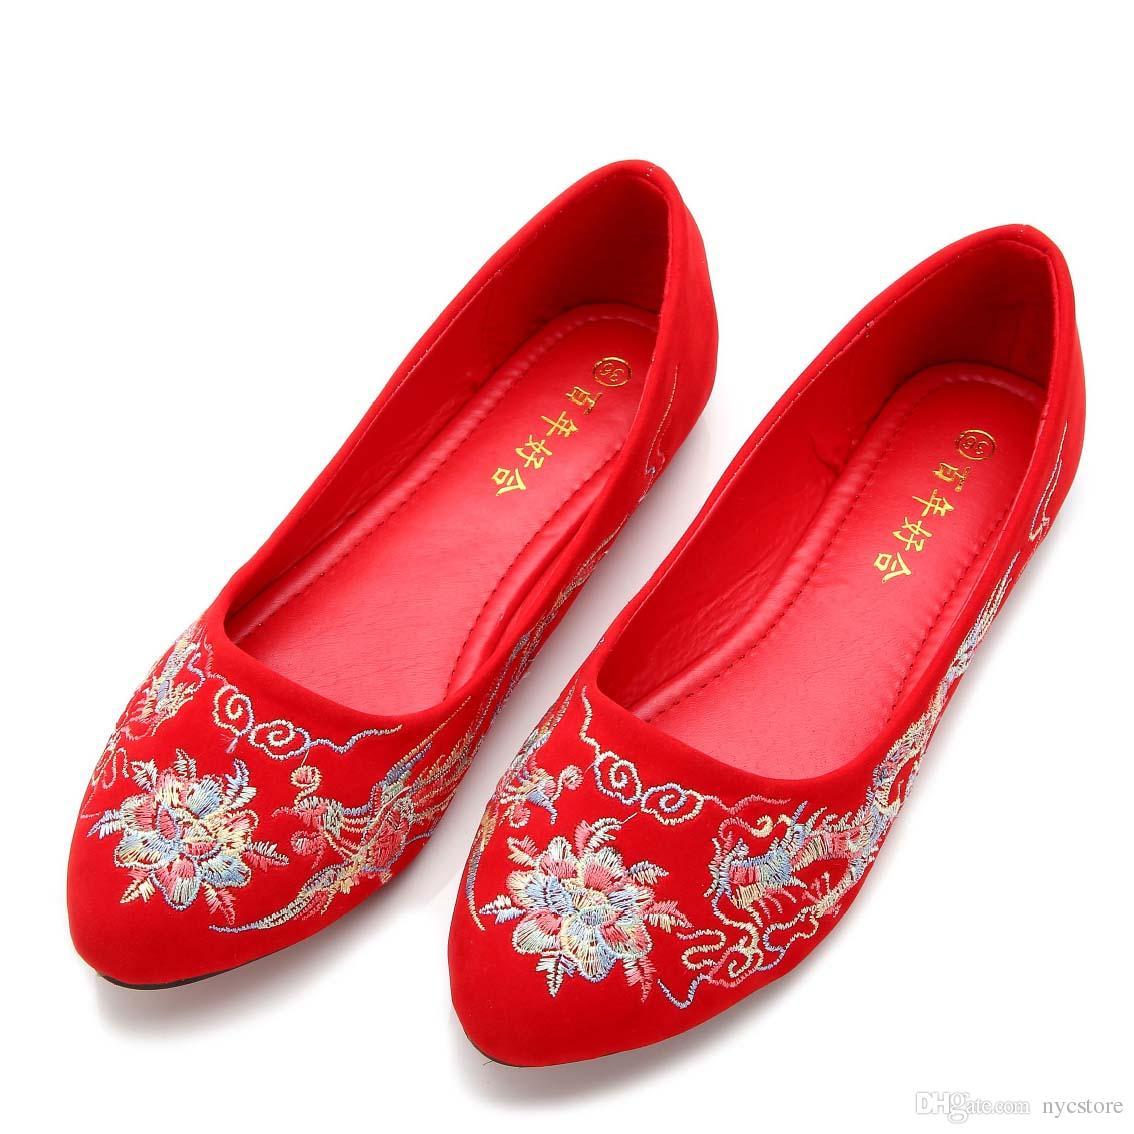 9613e865f Calçados Femininos Chinês Casamento Sapatos Vermelhos Sapatos De Salto Alto  Nupcial Sapatos Cheongsam A02 Calçados Online De Nycstore, $17.29 |  Pt.Dhgate.